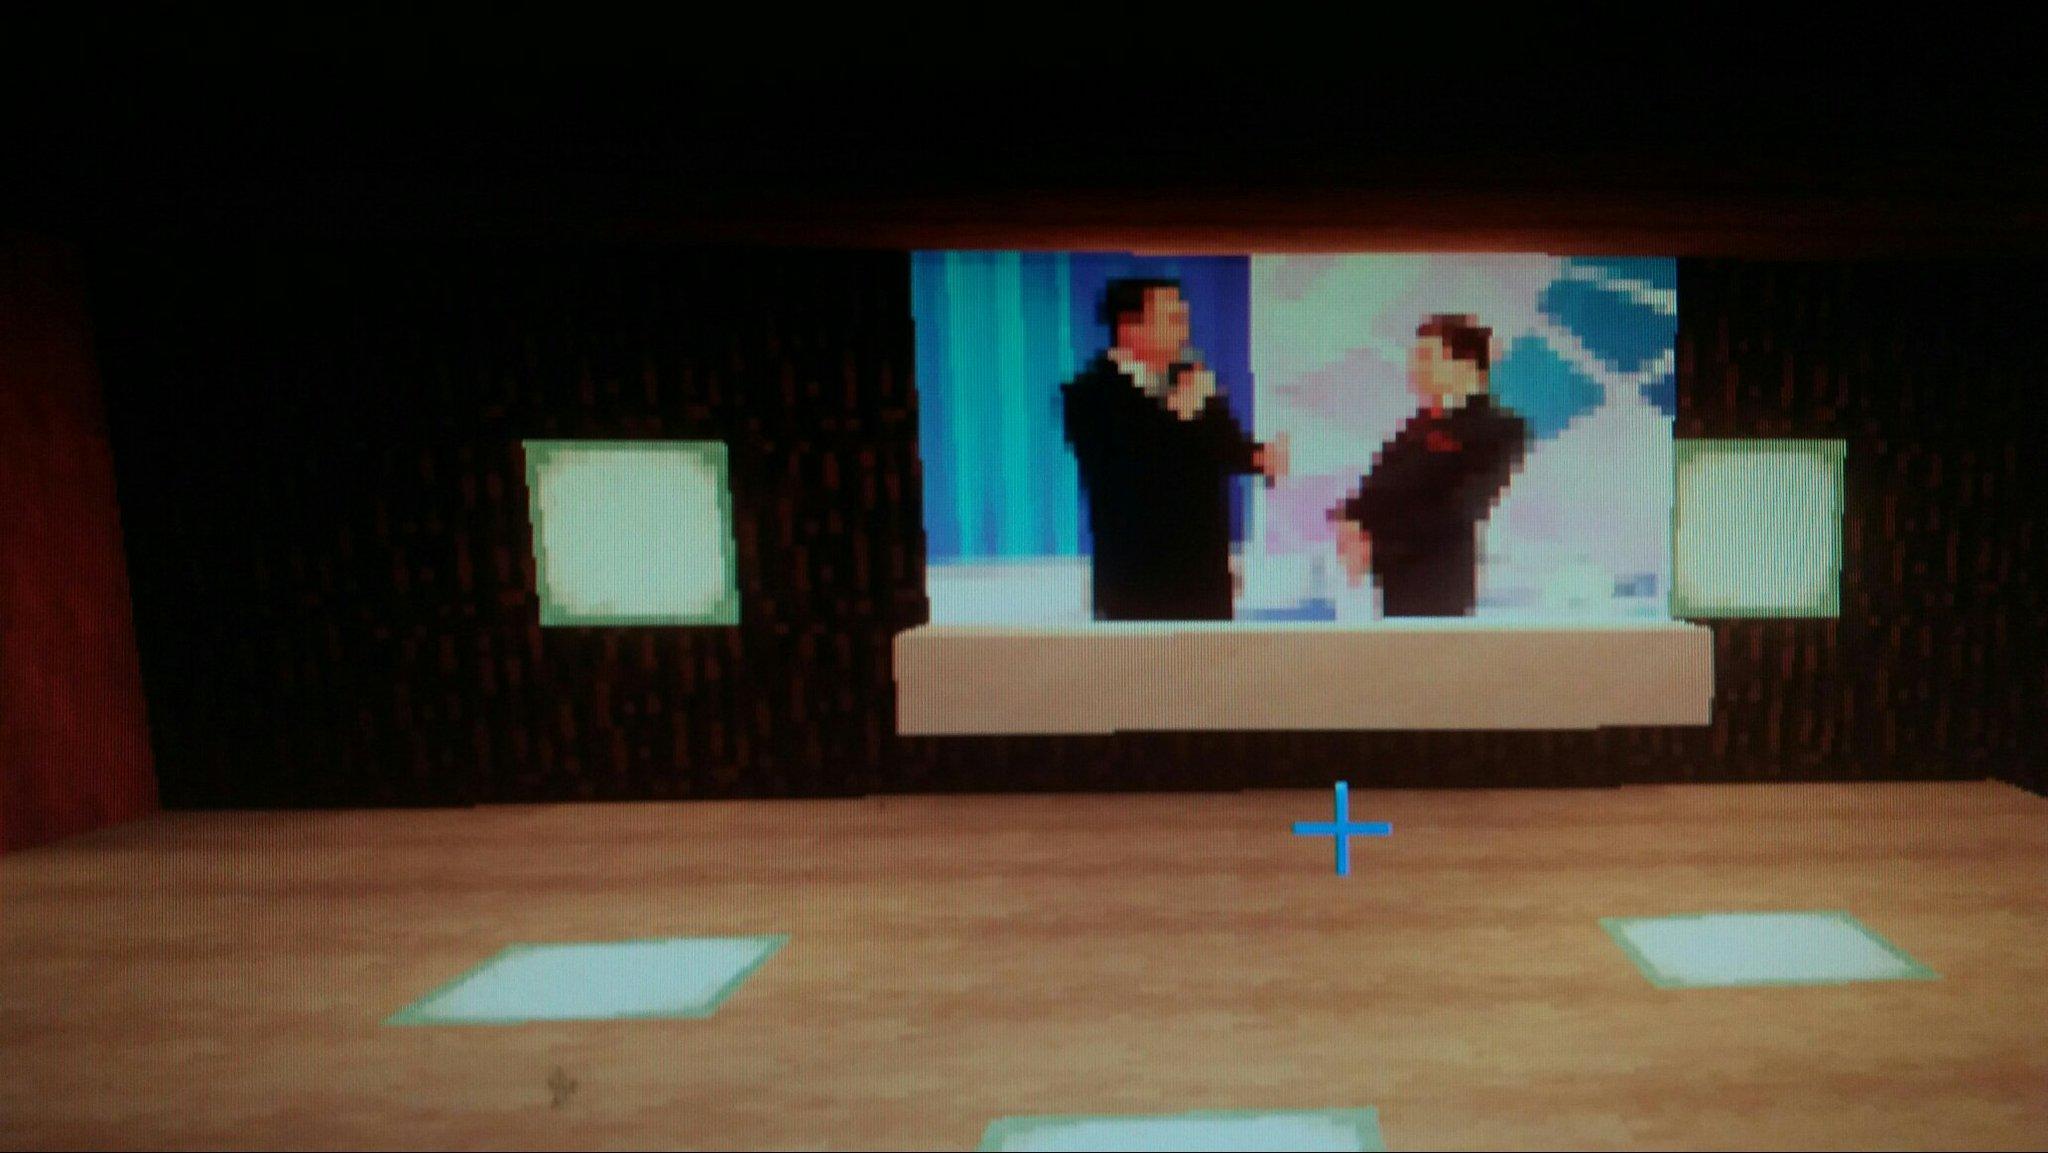 assistindo o bolsonaro no progama so Silvio Santos no Minecraft - meme